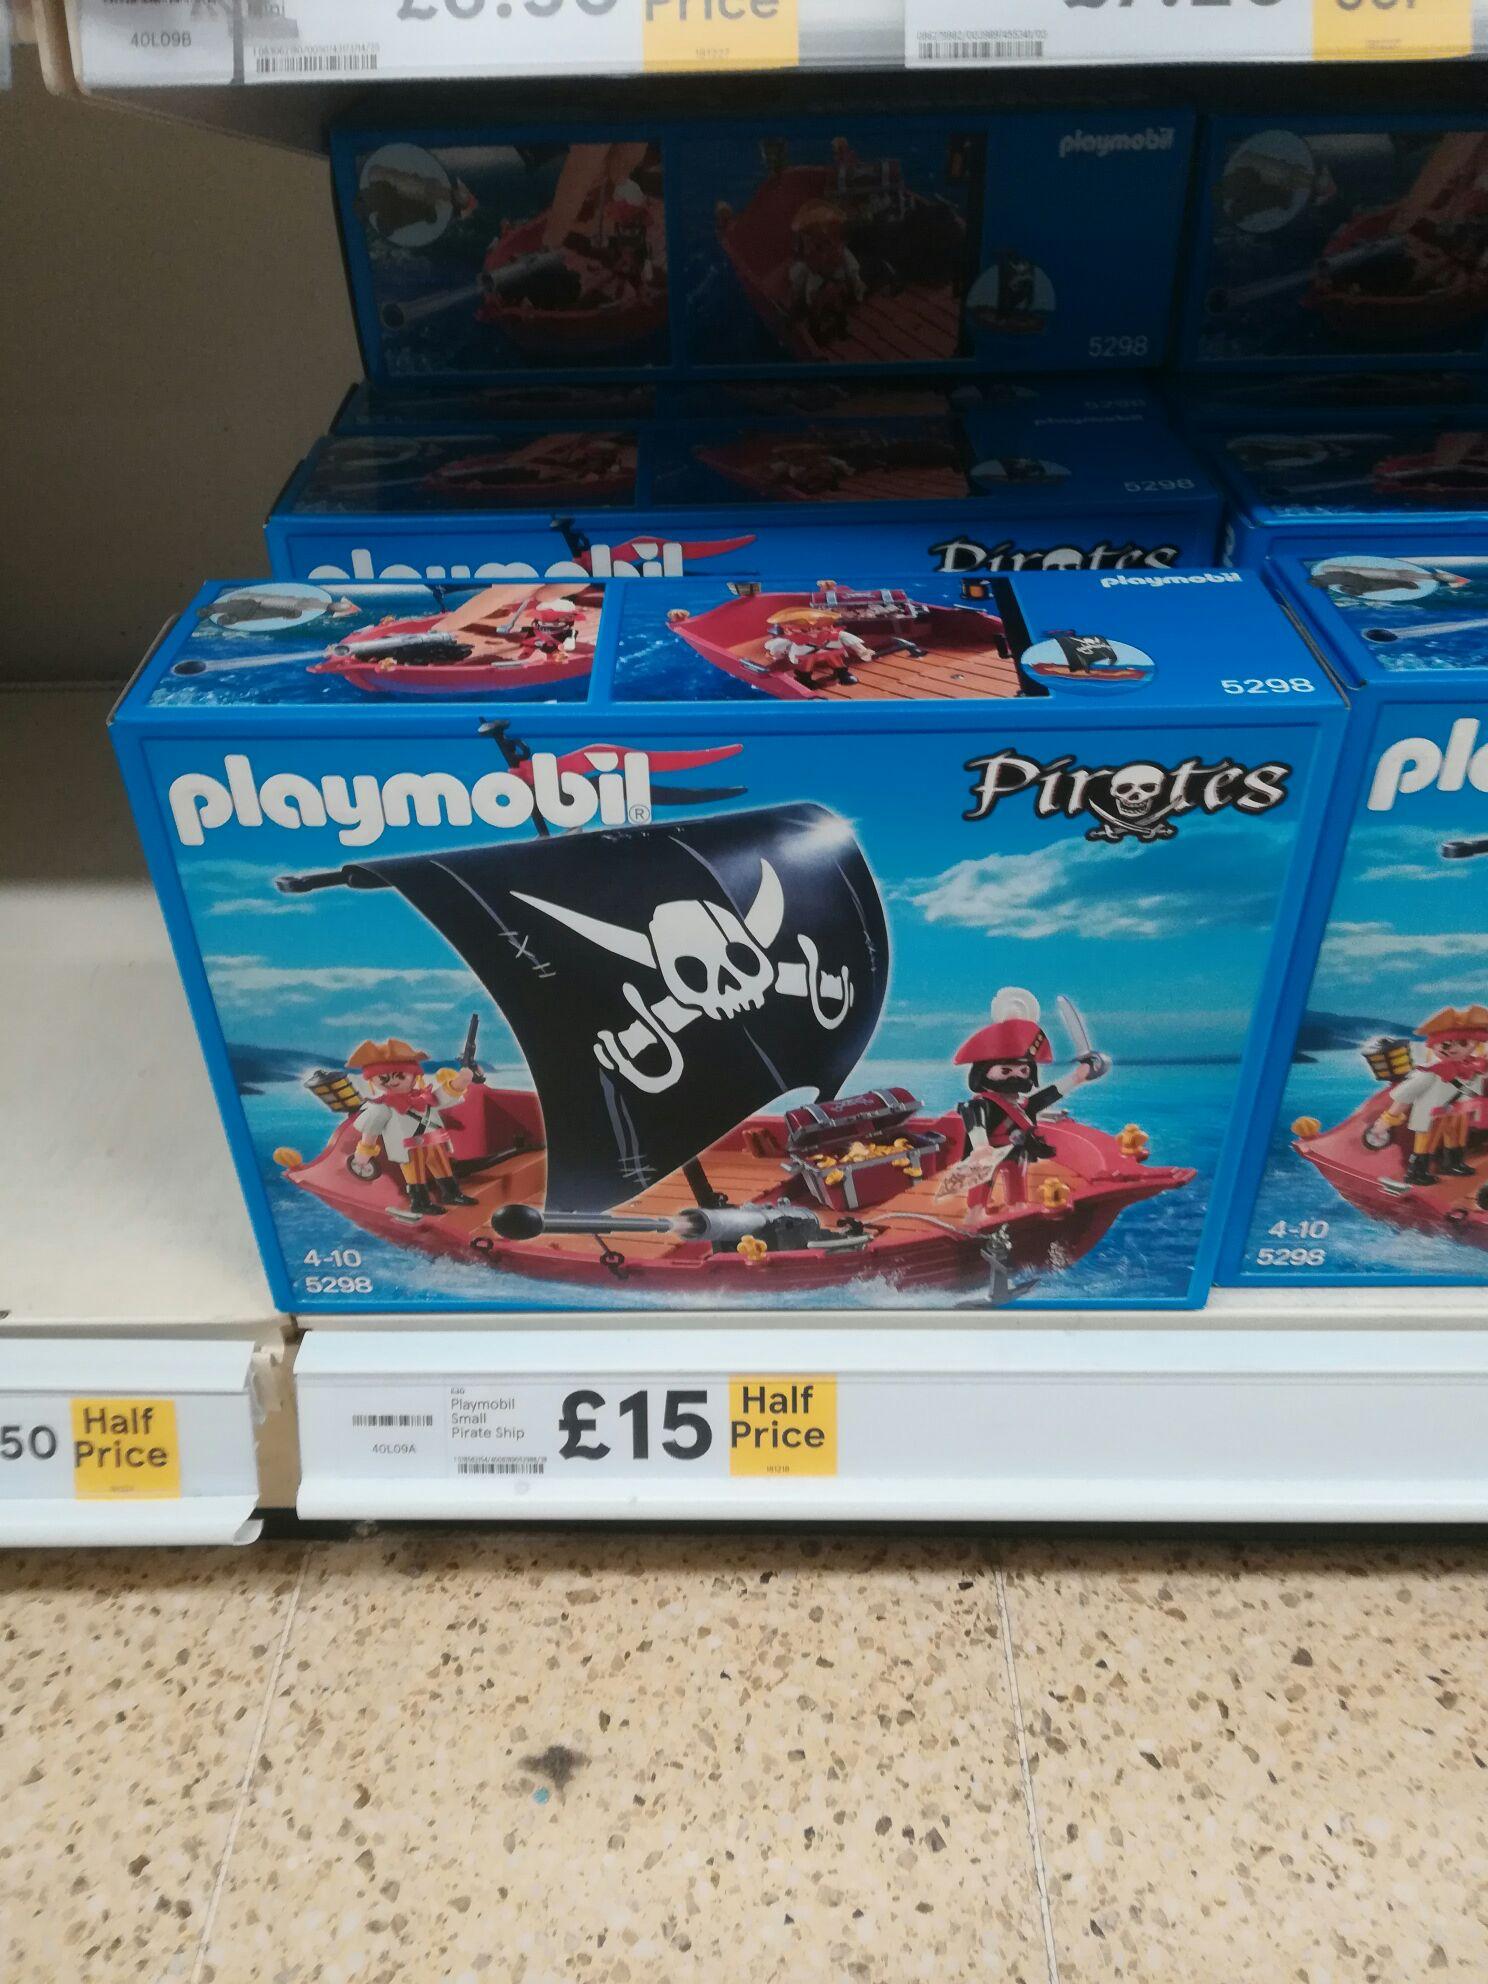 Playmobil pirate ship Halfprice £15  @ tesco instore